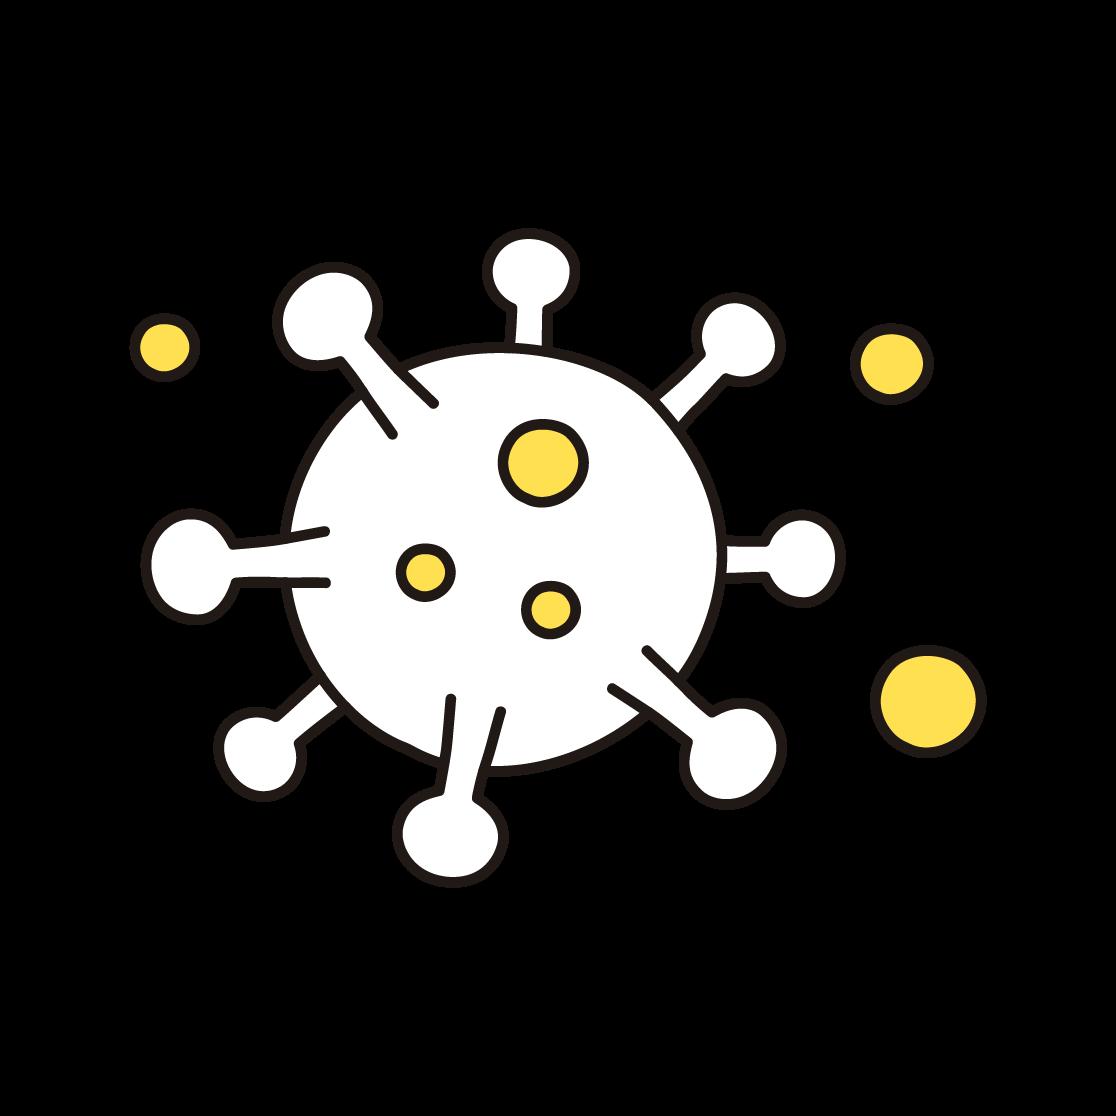 コロナウイルスの単色イラスト